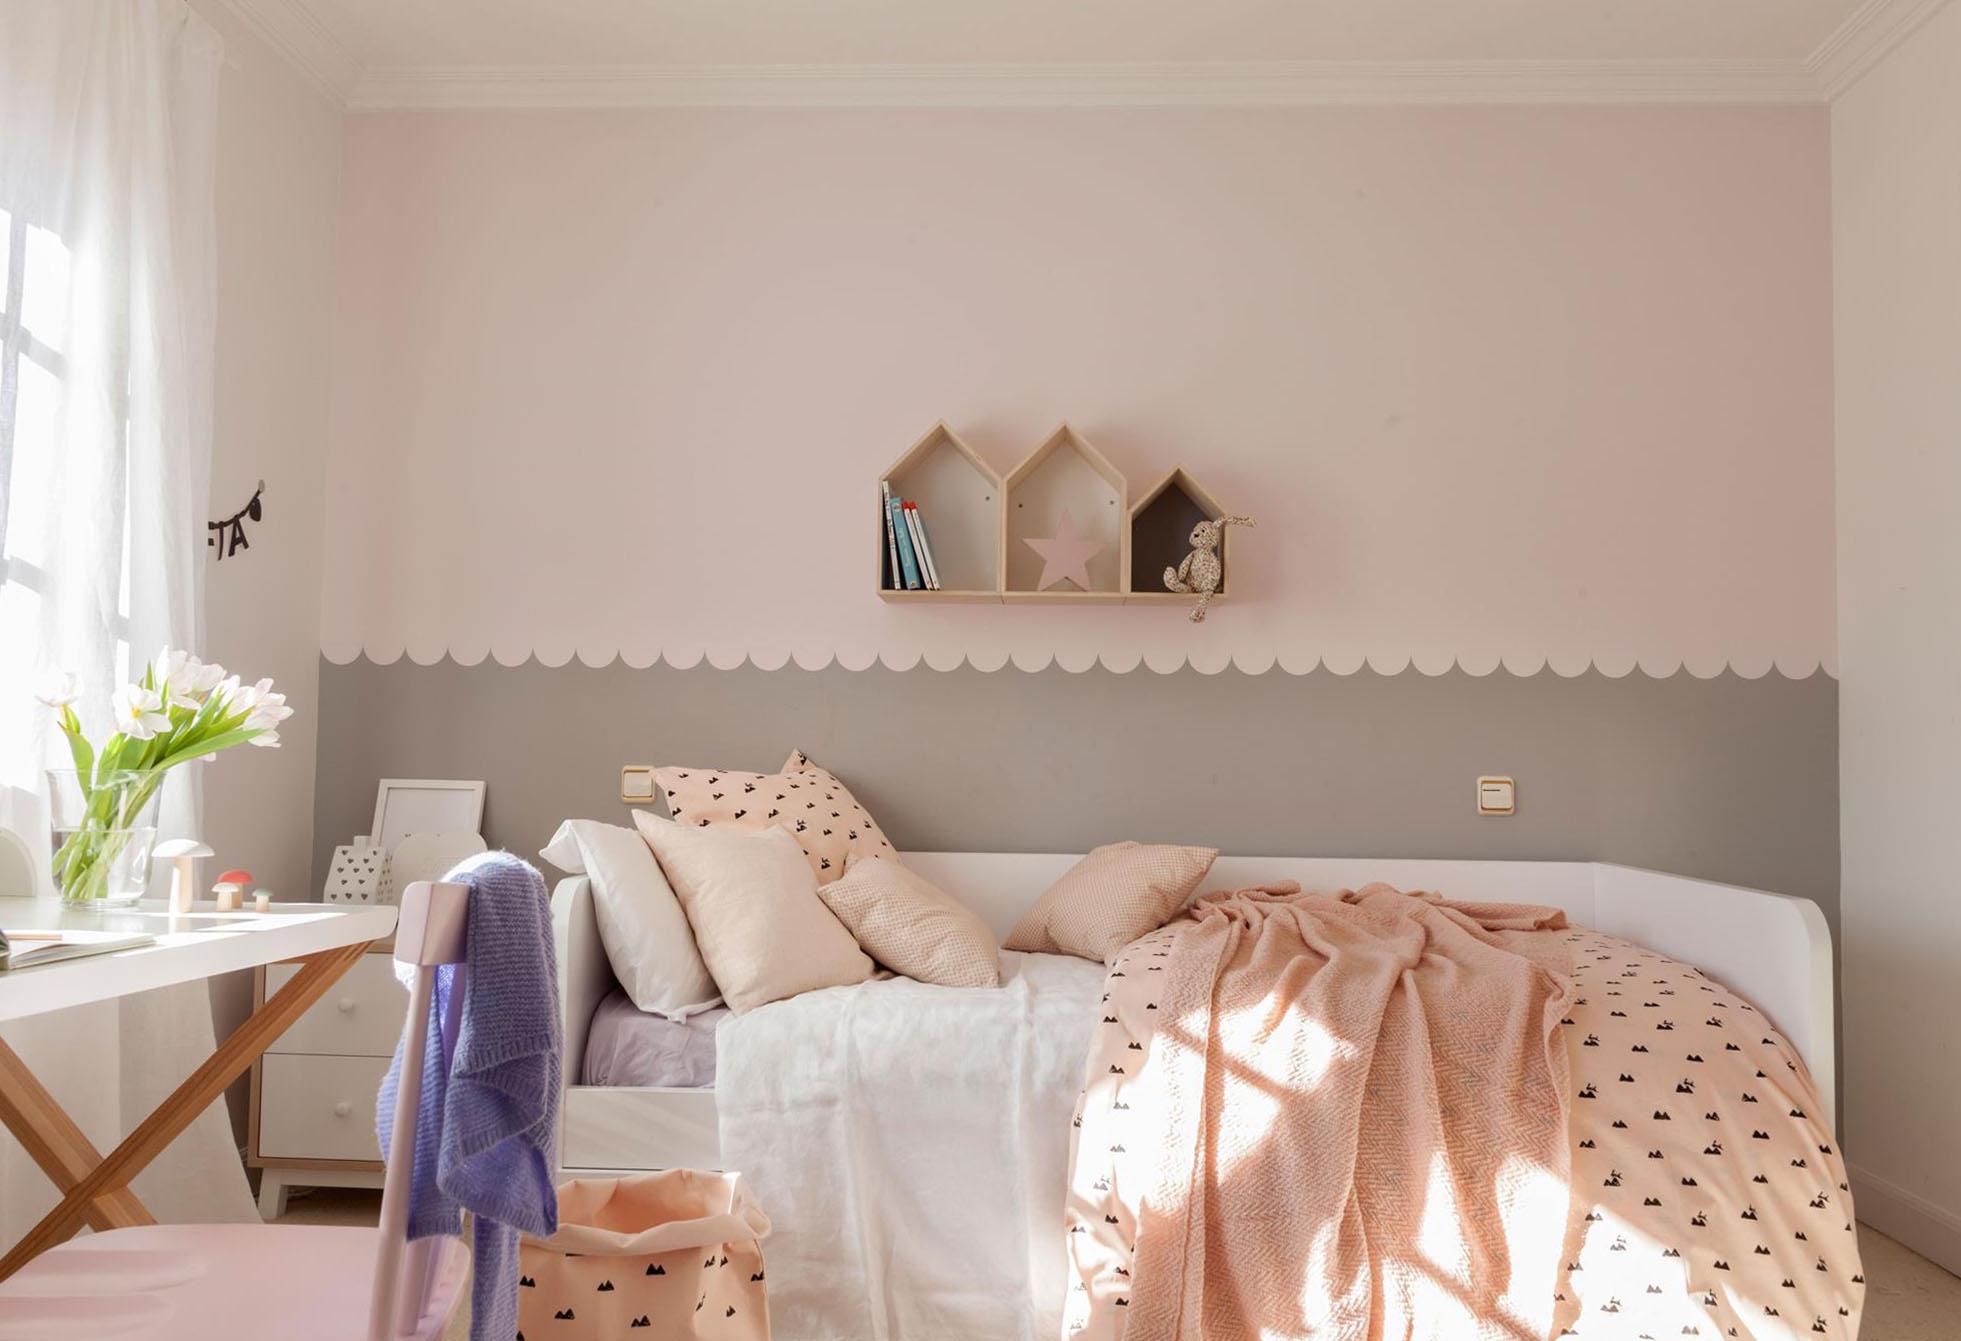 Оформление детской комнаты: популярные стили